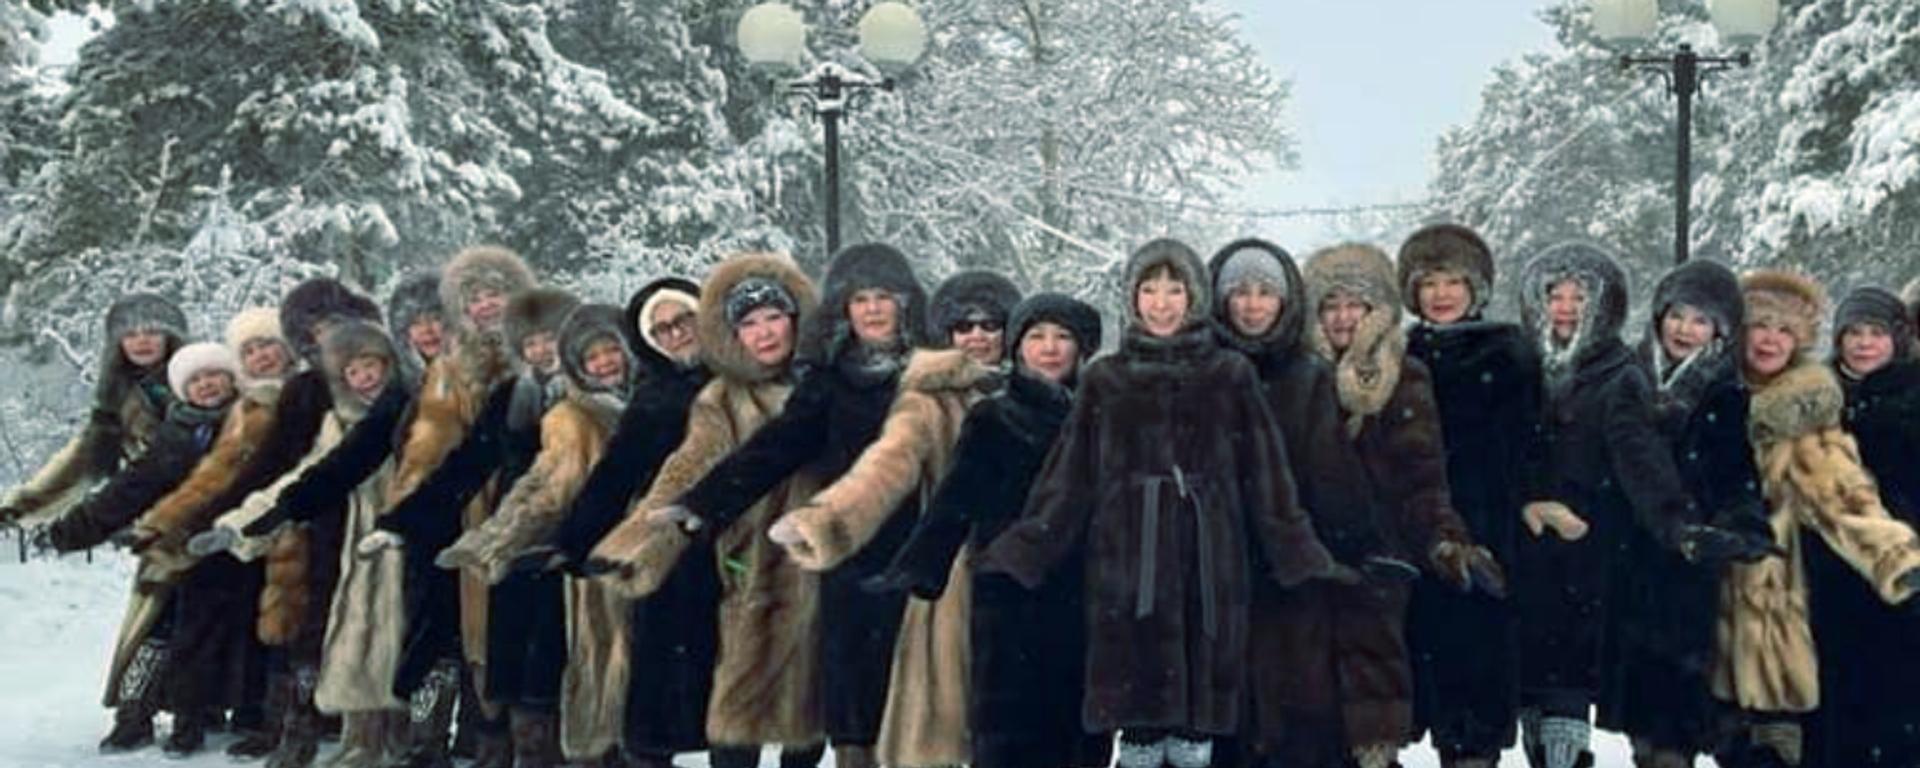 Bailarinas aficionadas de Yakutsk - Sputnik Mundo, 1920, 08.02.2021